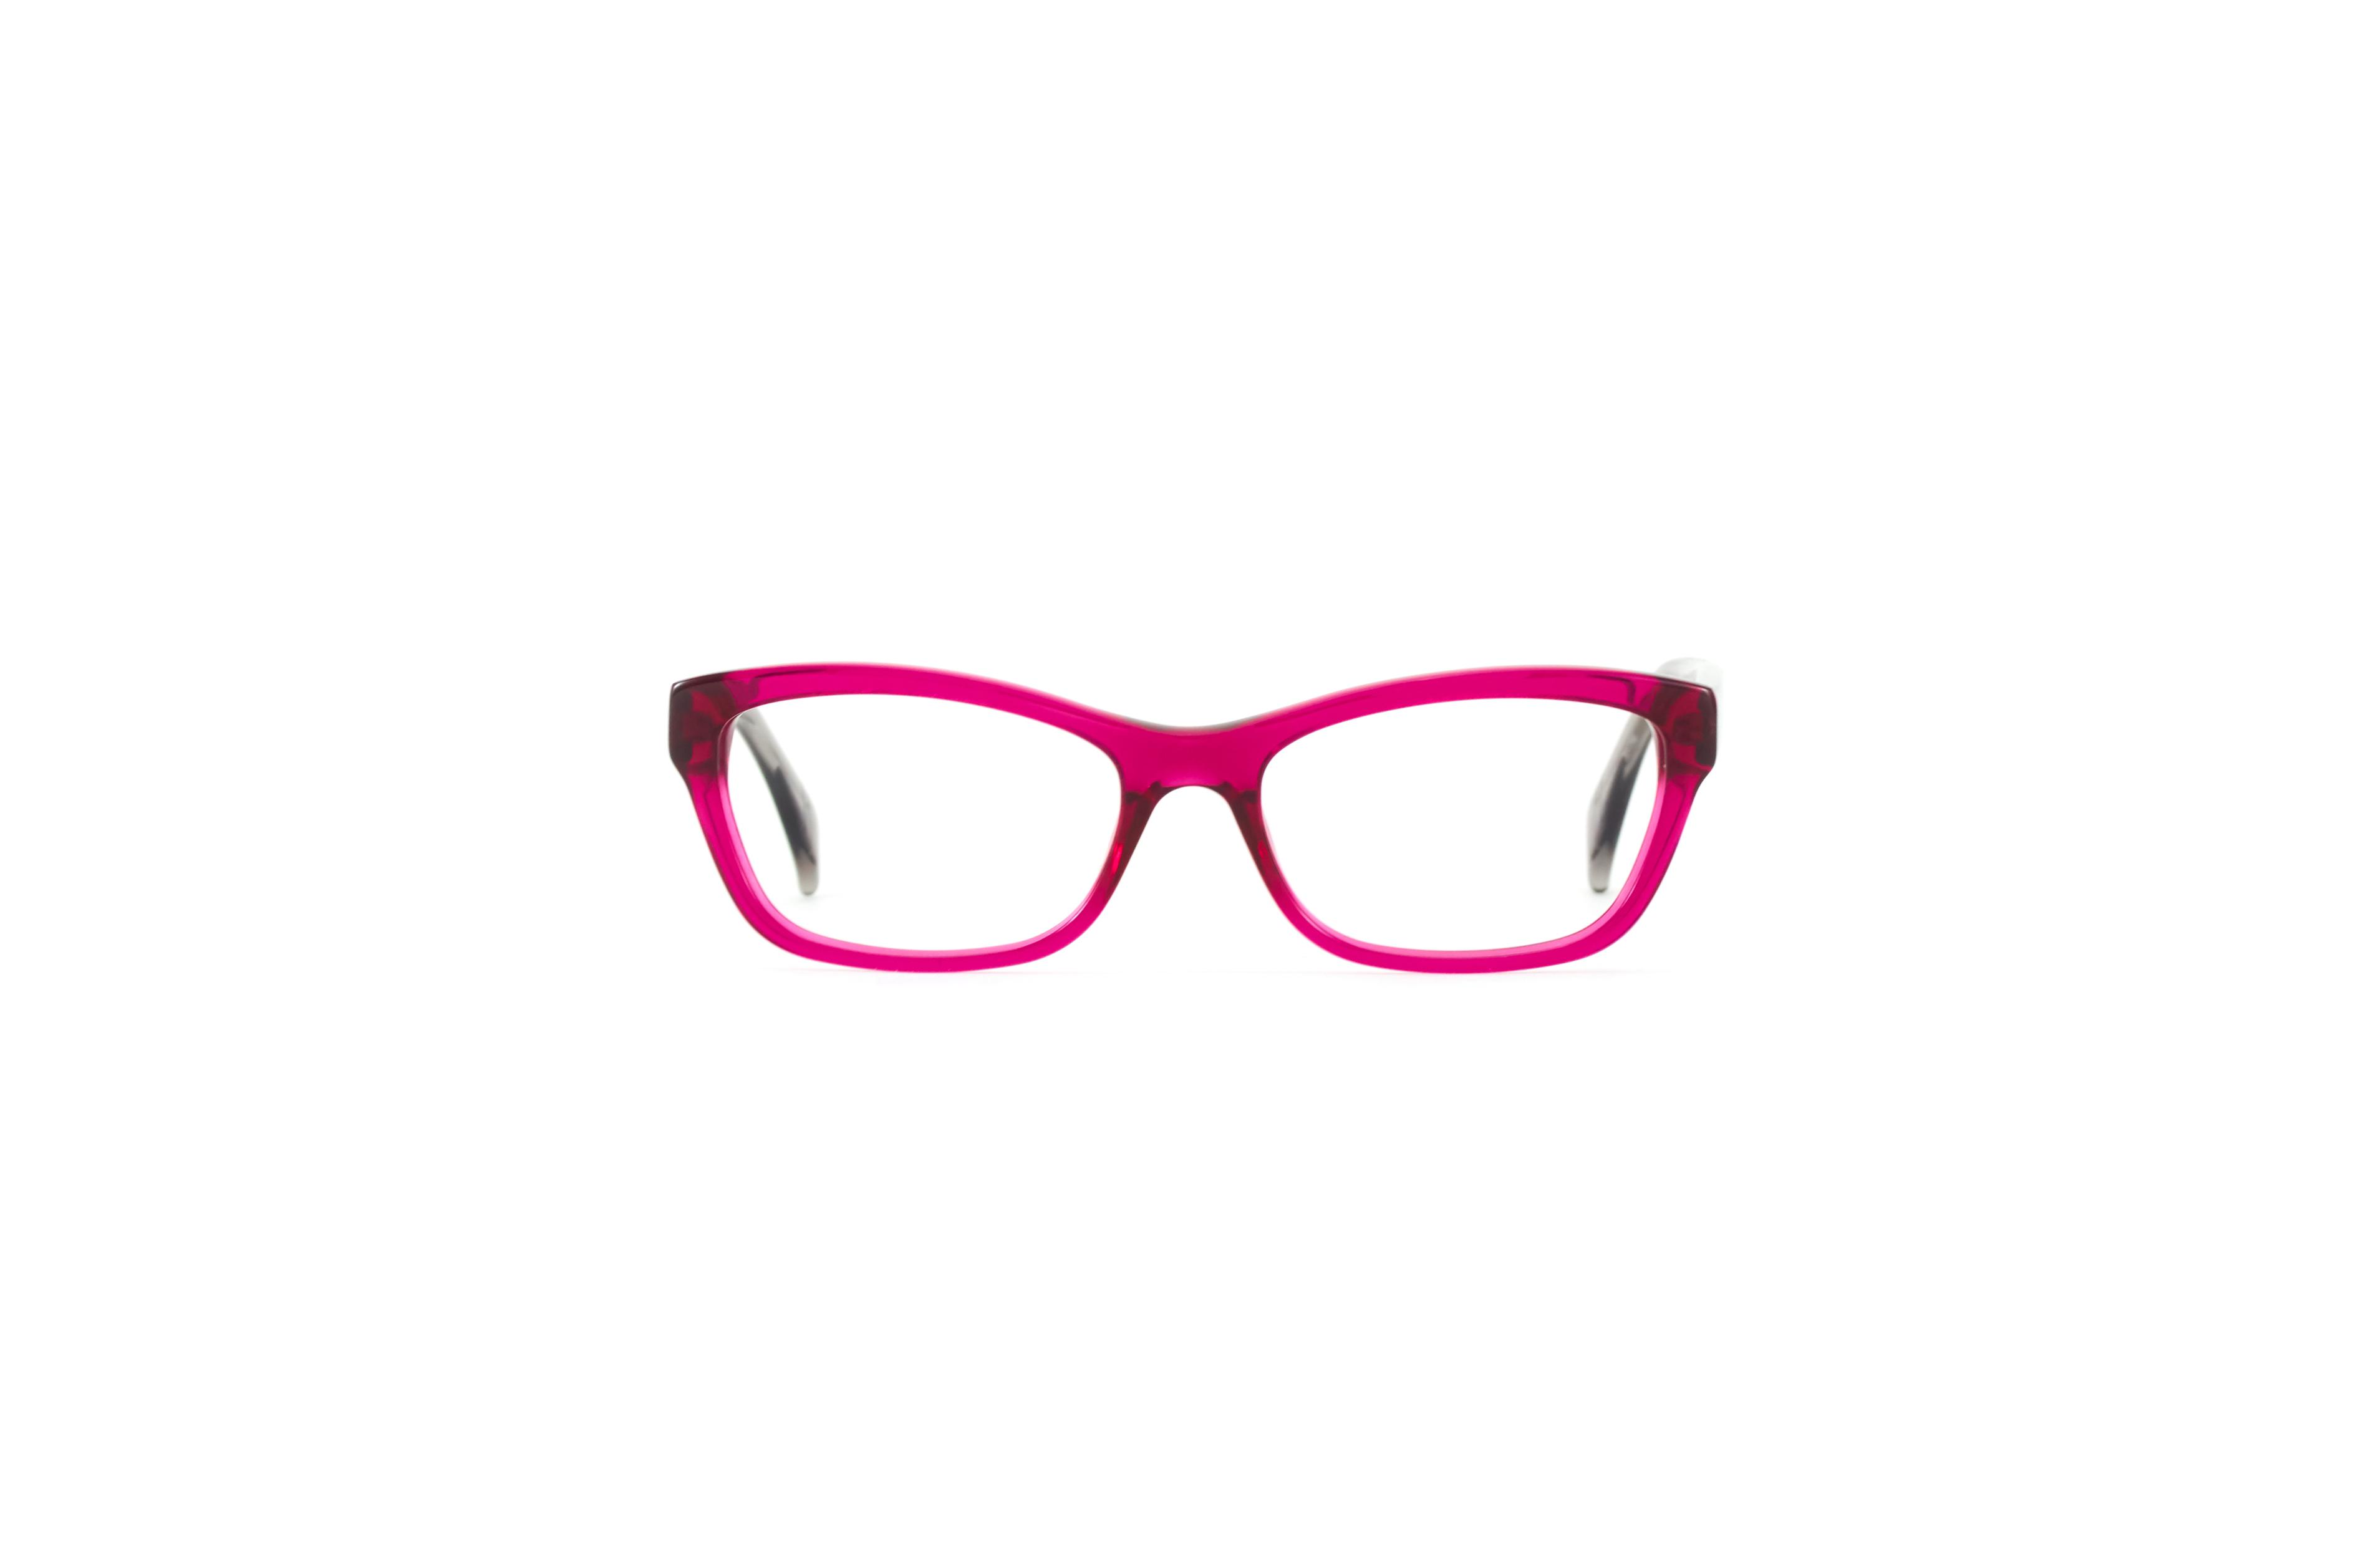 Купить glasses по выгодной цене в альметьевск кабель usb android мавик эйр наложенным платежом